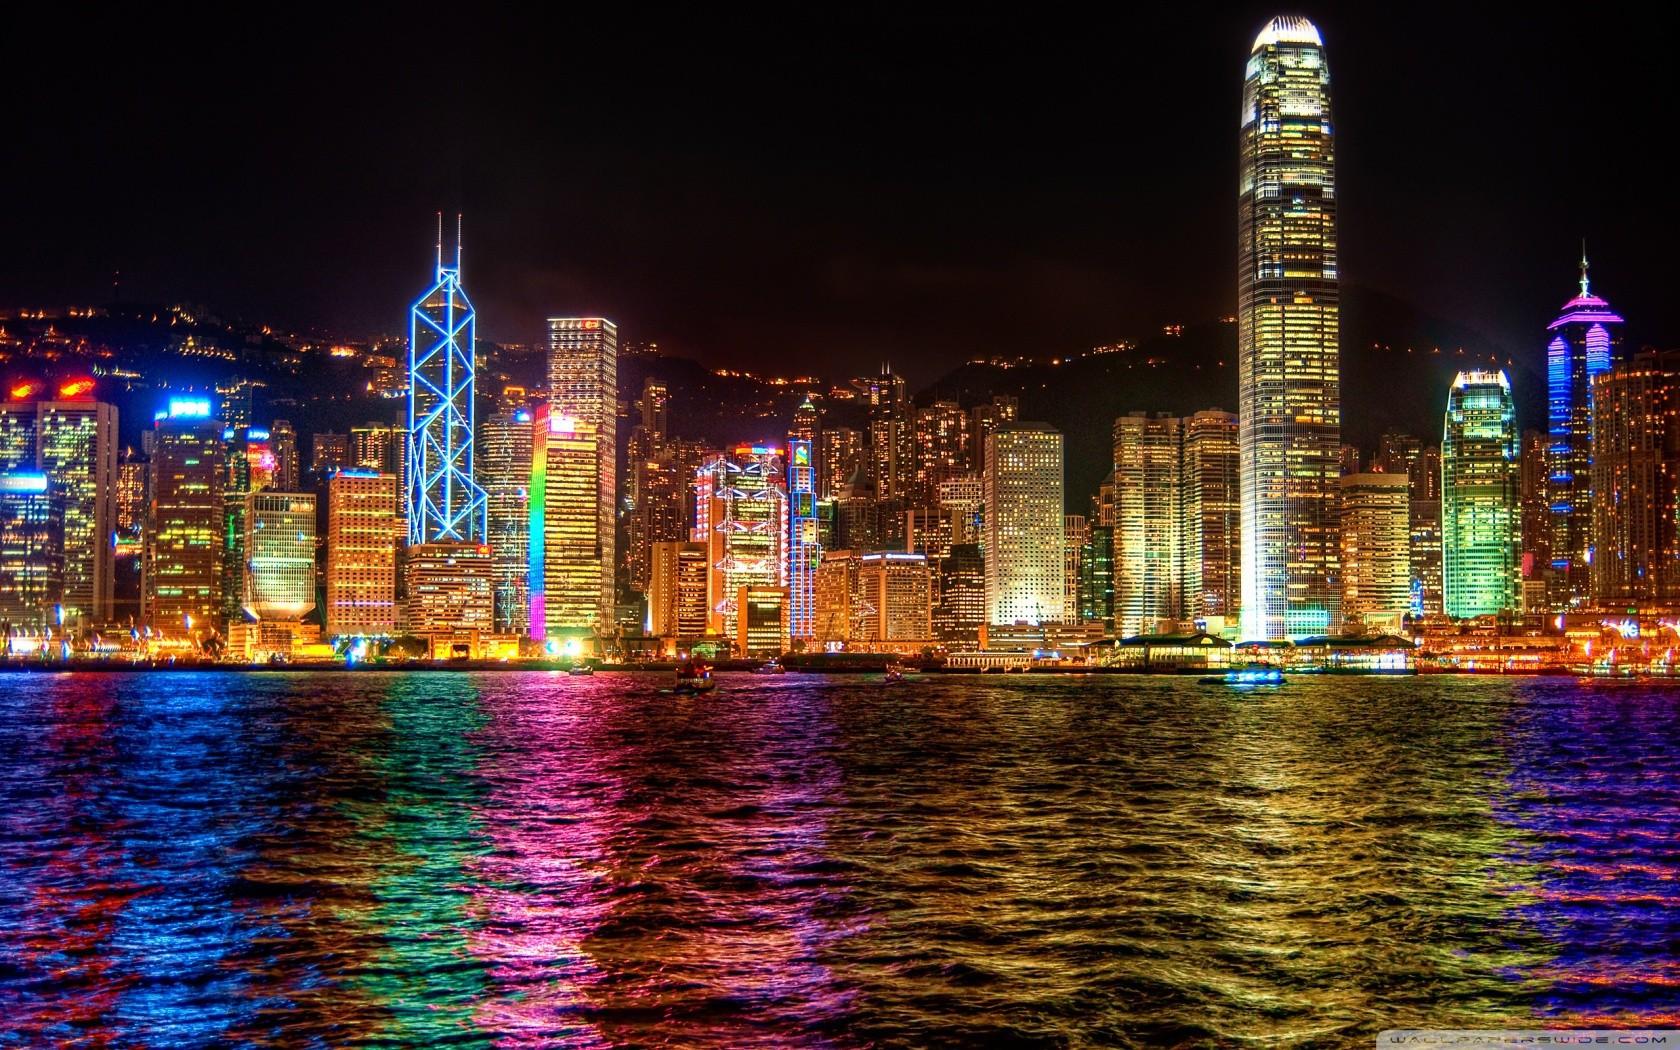 виды красивые картинки ночного города на рабочий уклейка